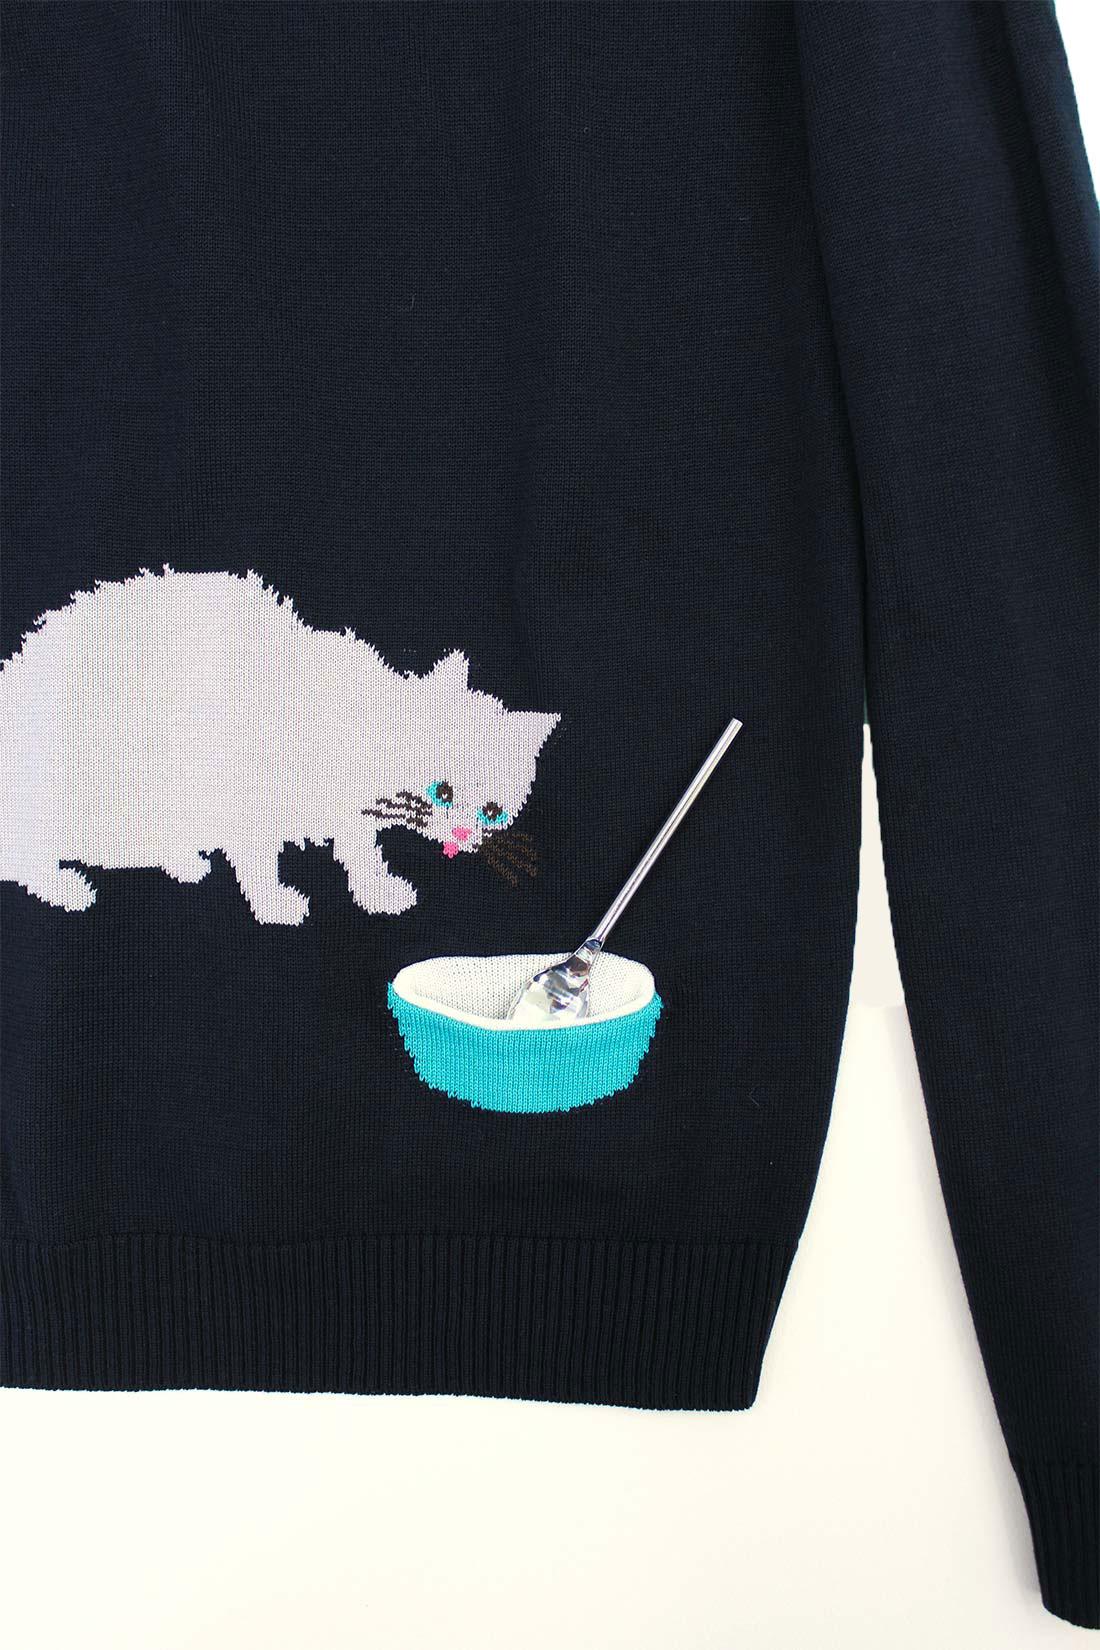 さらりとした肌ざわりの綿アクリル素材。背中の小さなポケットからミルクを飲んでるみたい。